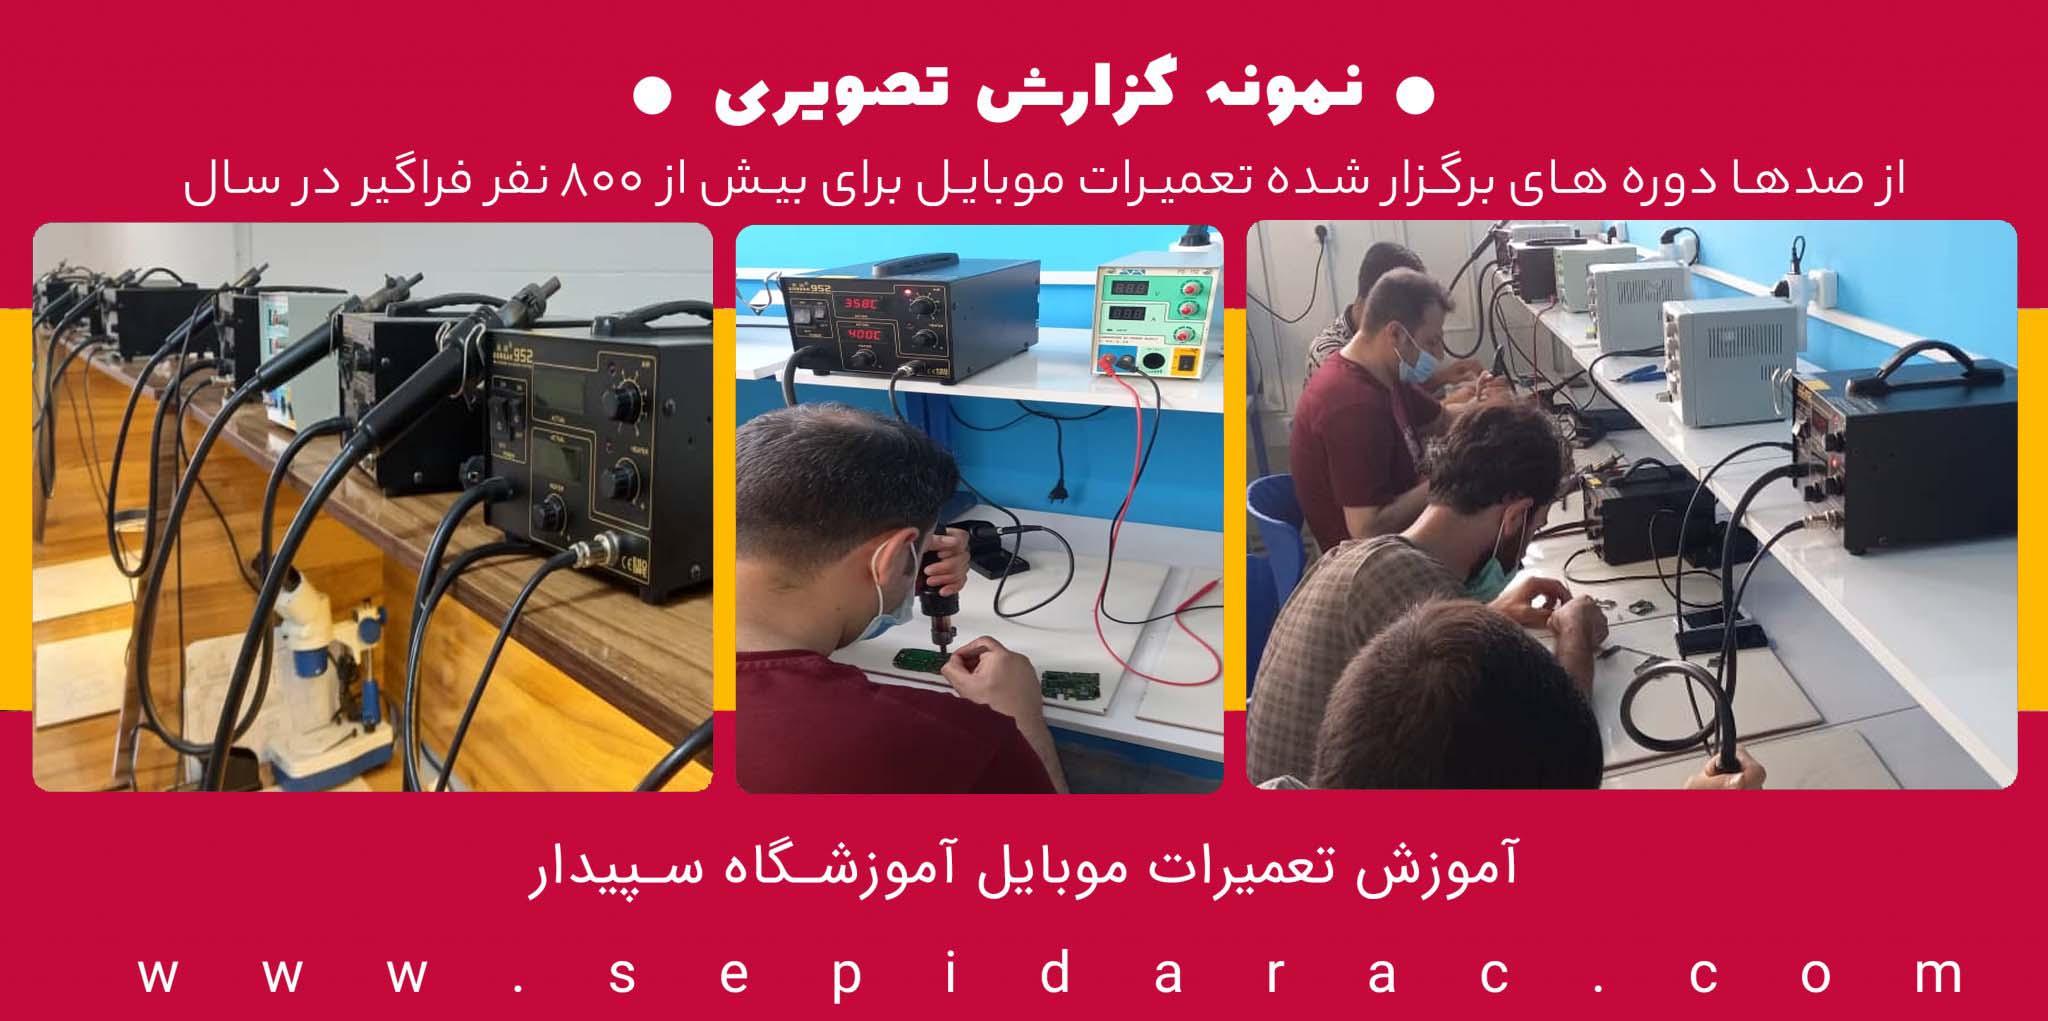 گزارش-تصویری-از-آموزش-تعمیر-موبایل-در-آموزشگاه-سپیدار